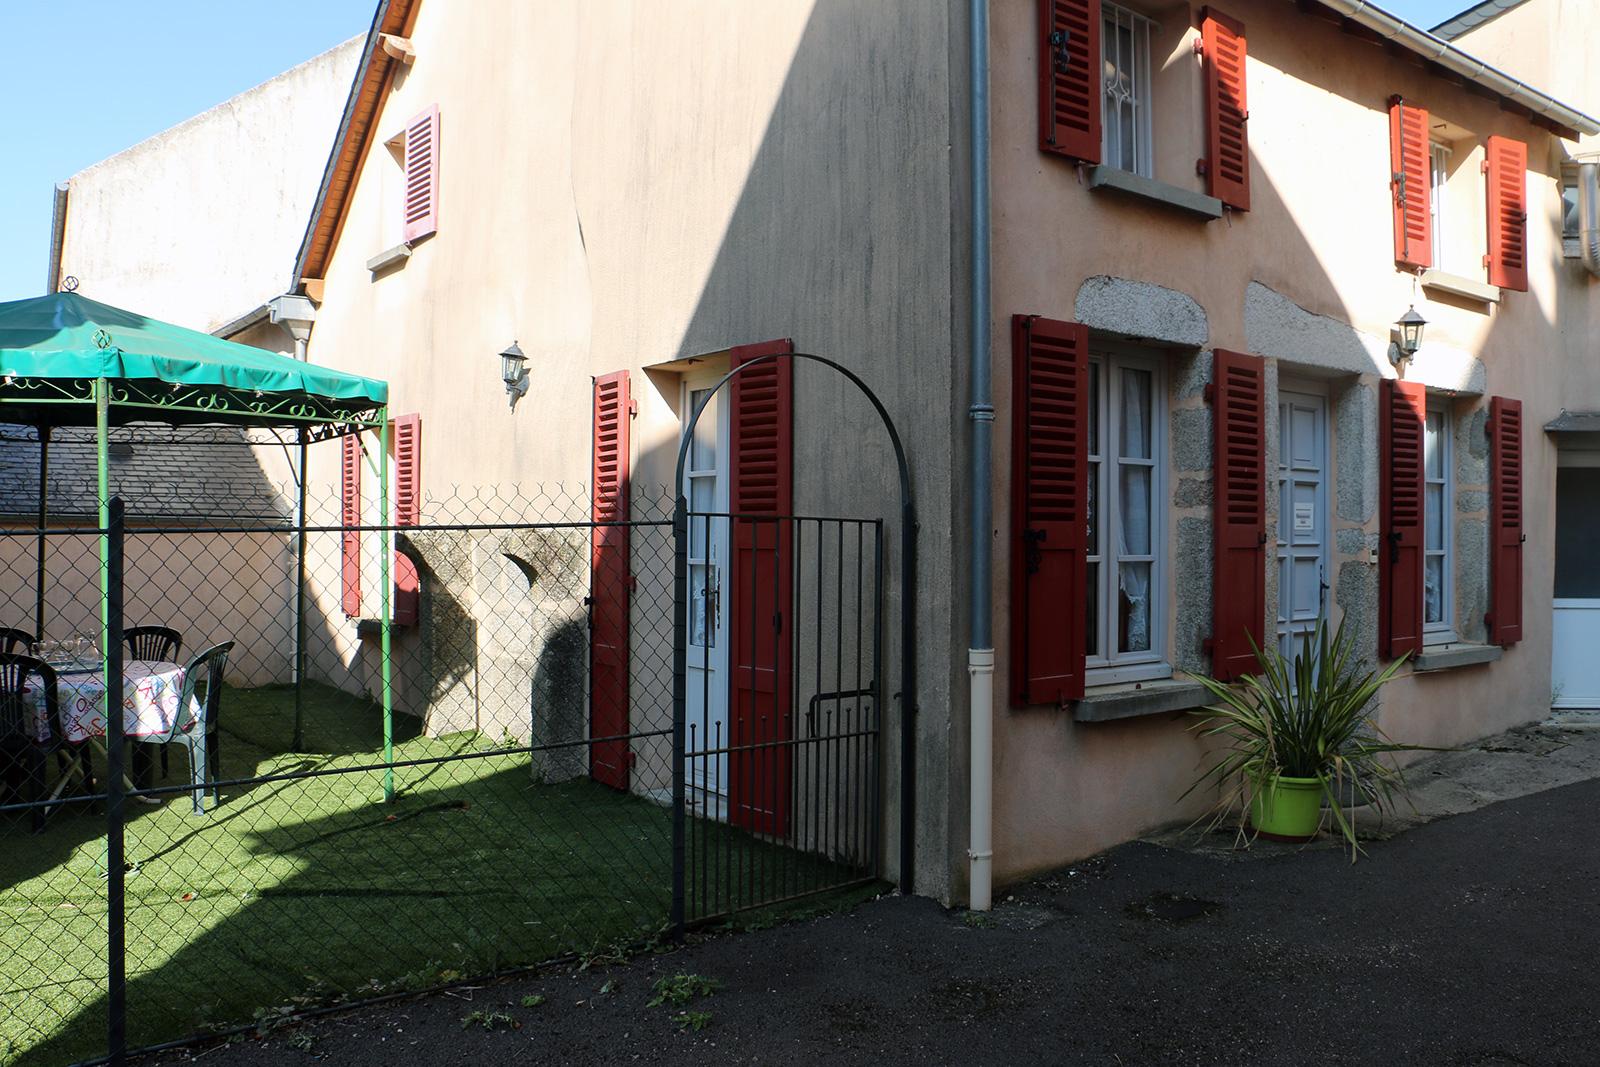 Maisonnette de l'hôtel du Nord – Restaurant Saint-Georges